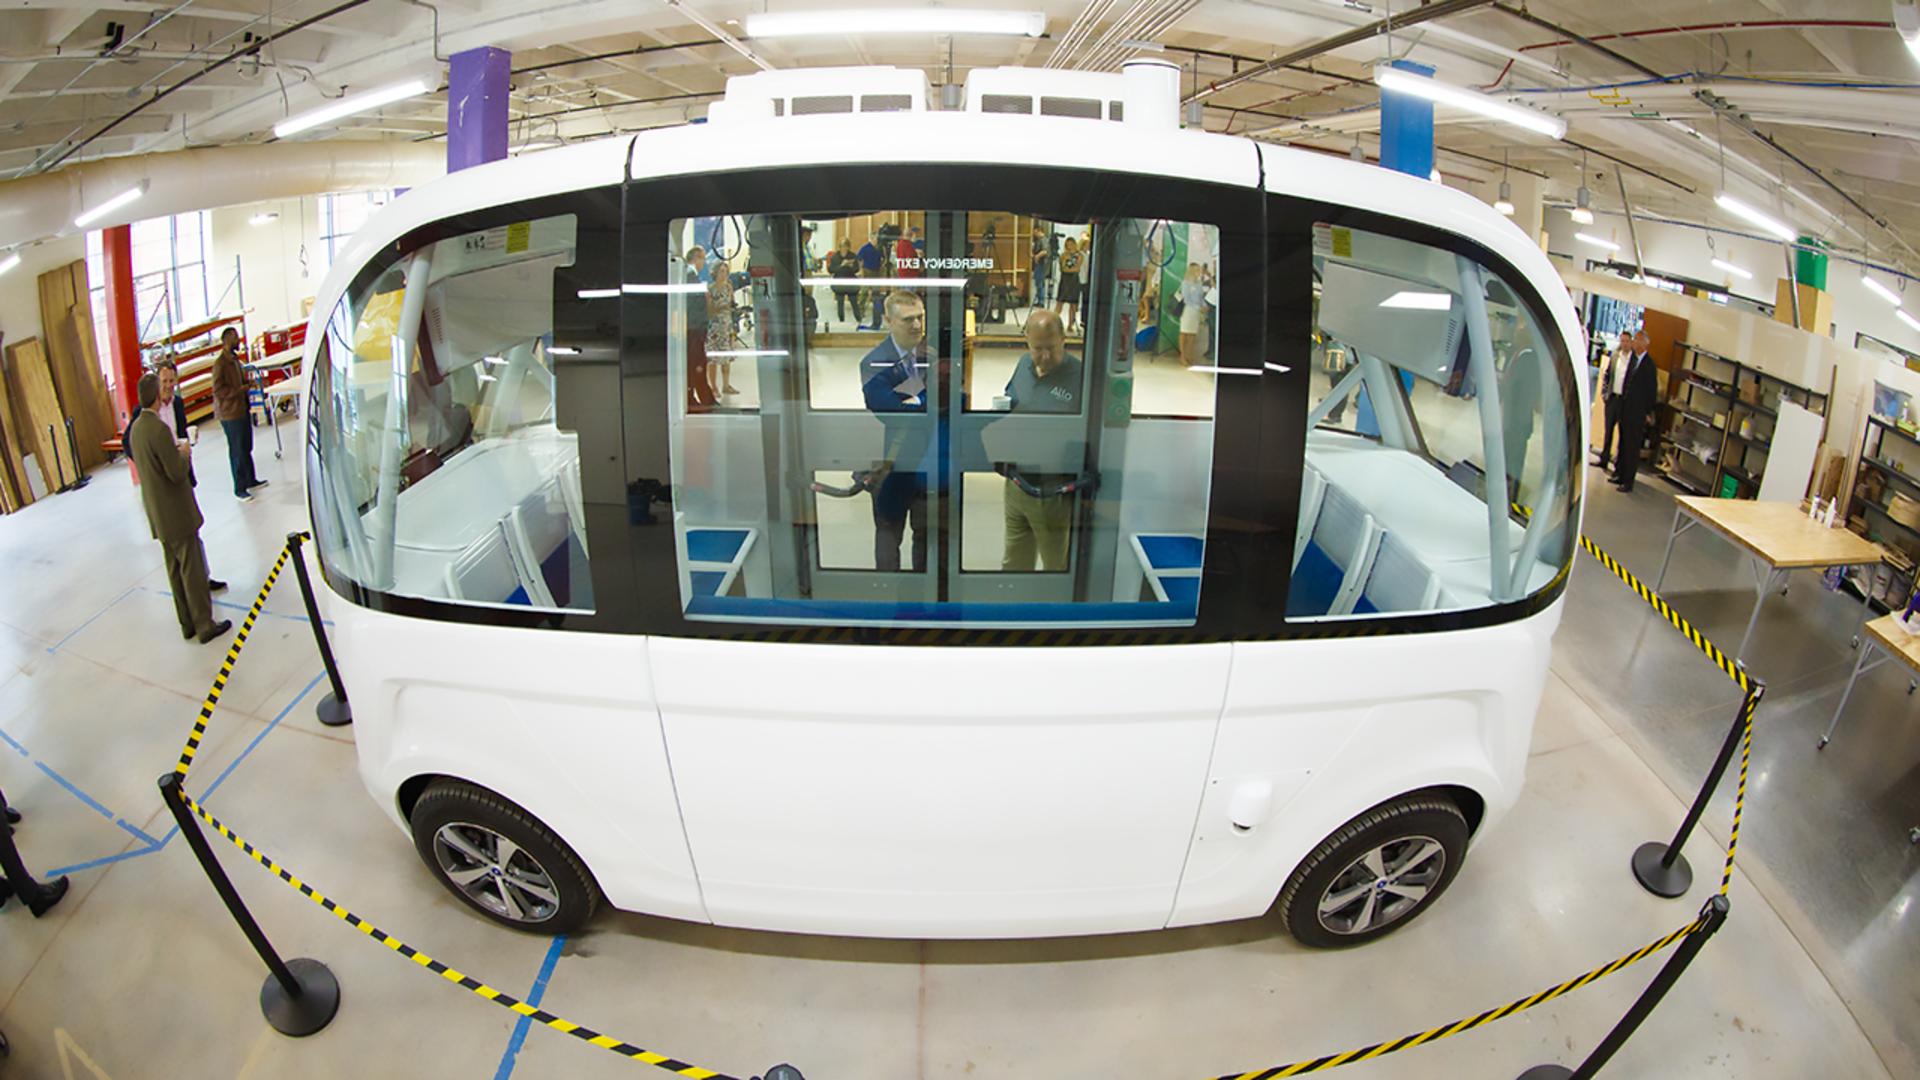 University to house Nebraska's first self-driving shuttle